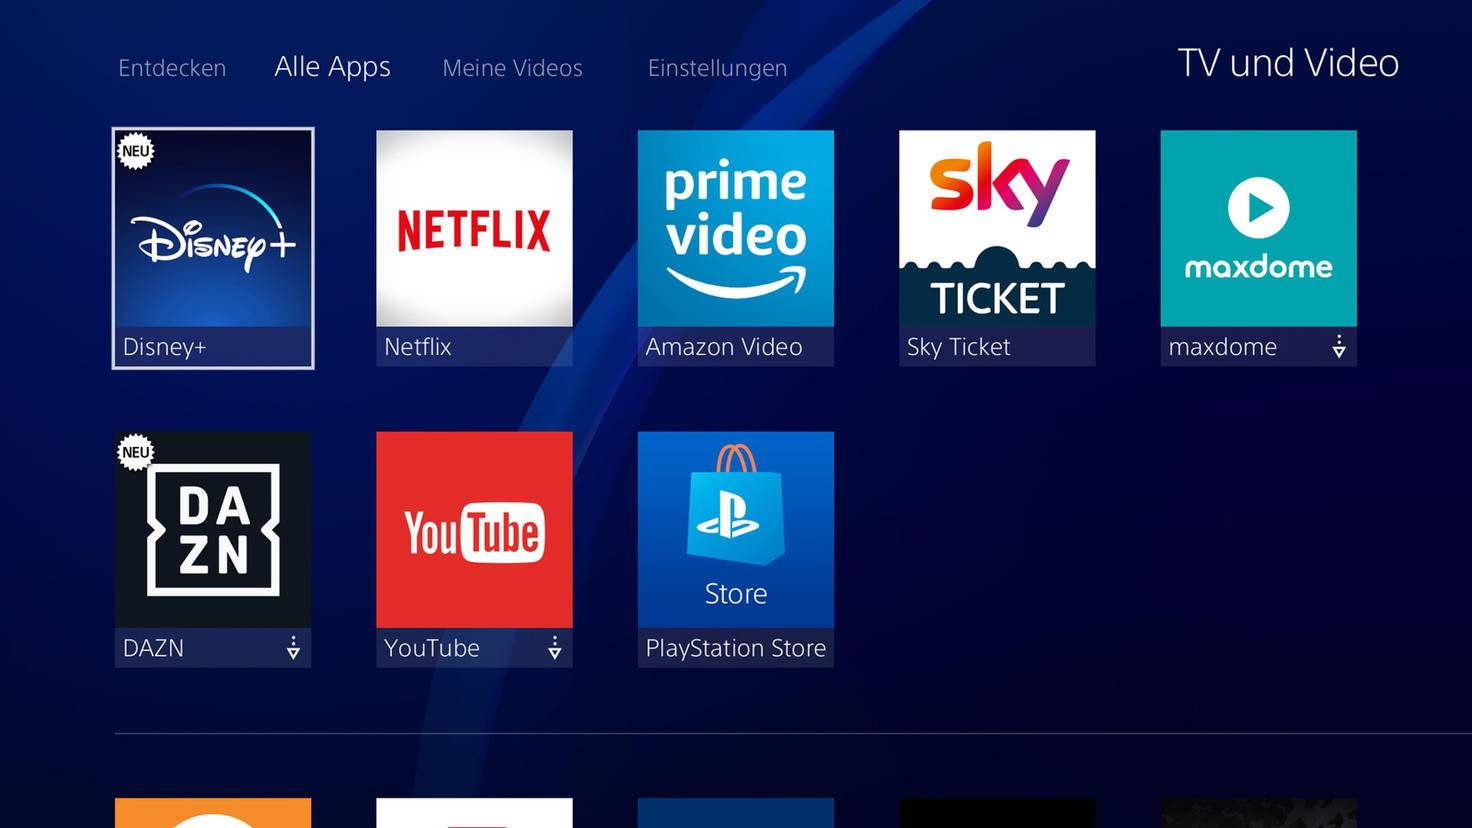 PS4 TV und Video